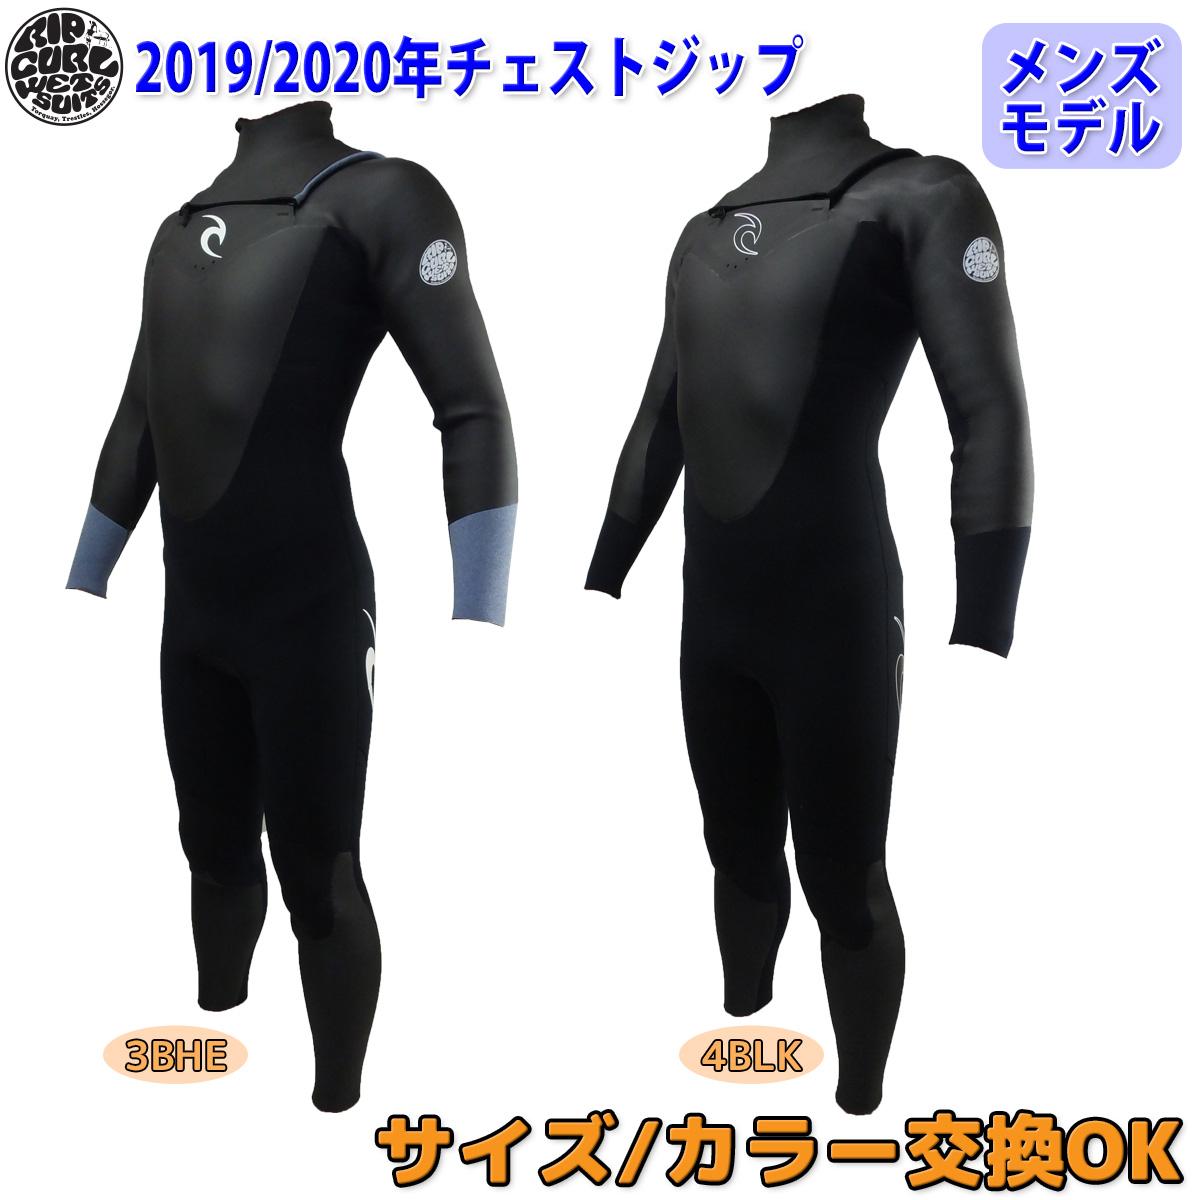 19-20 RIPCURL リップカール セミドライ ウェットスーツ チェストジップ ウエットスーツ バリュー 5×3mm 冬用 メンズモデル 2019年/2020年 DAWN PATROL CHEST ZIP 品番 T30-620 日本正規品